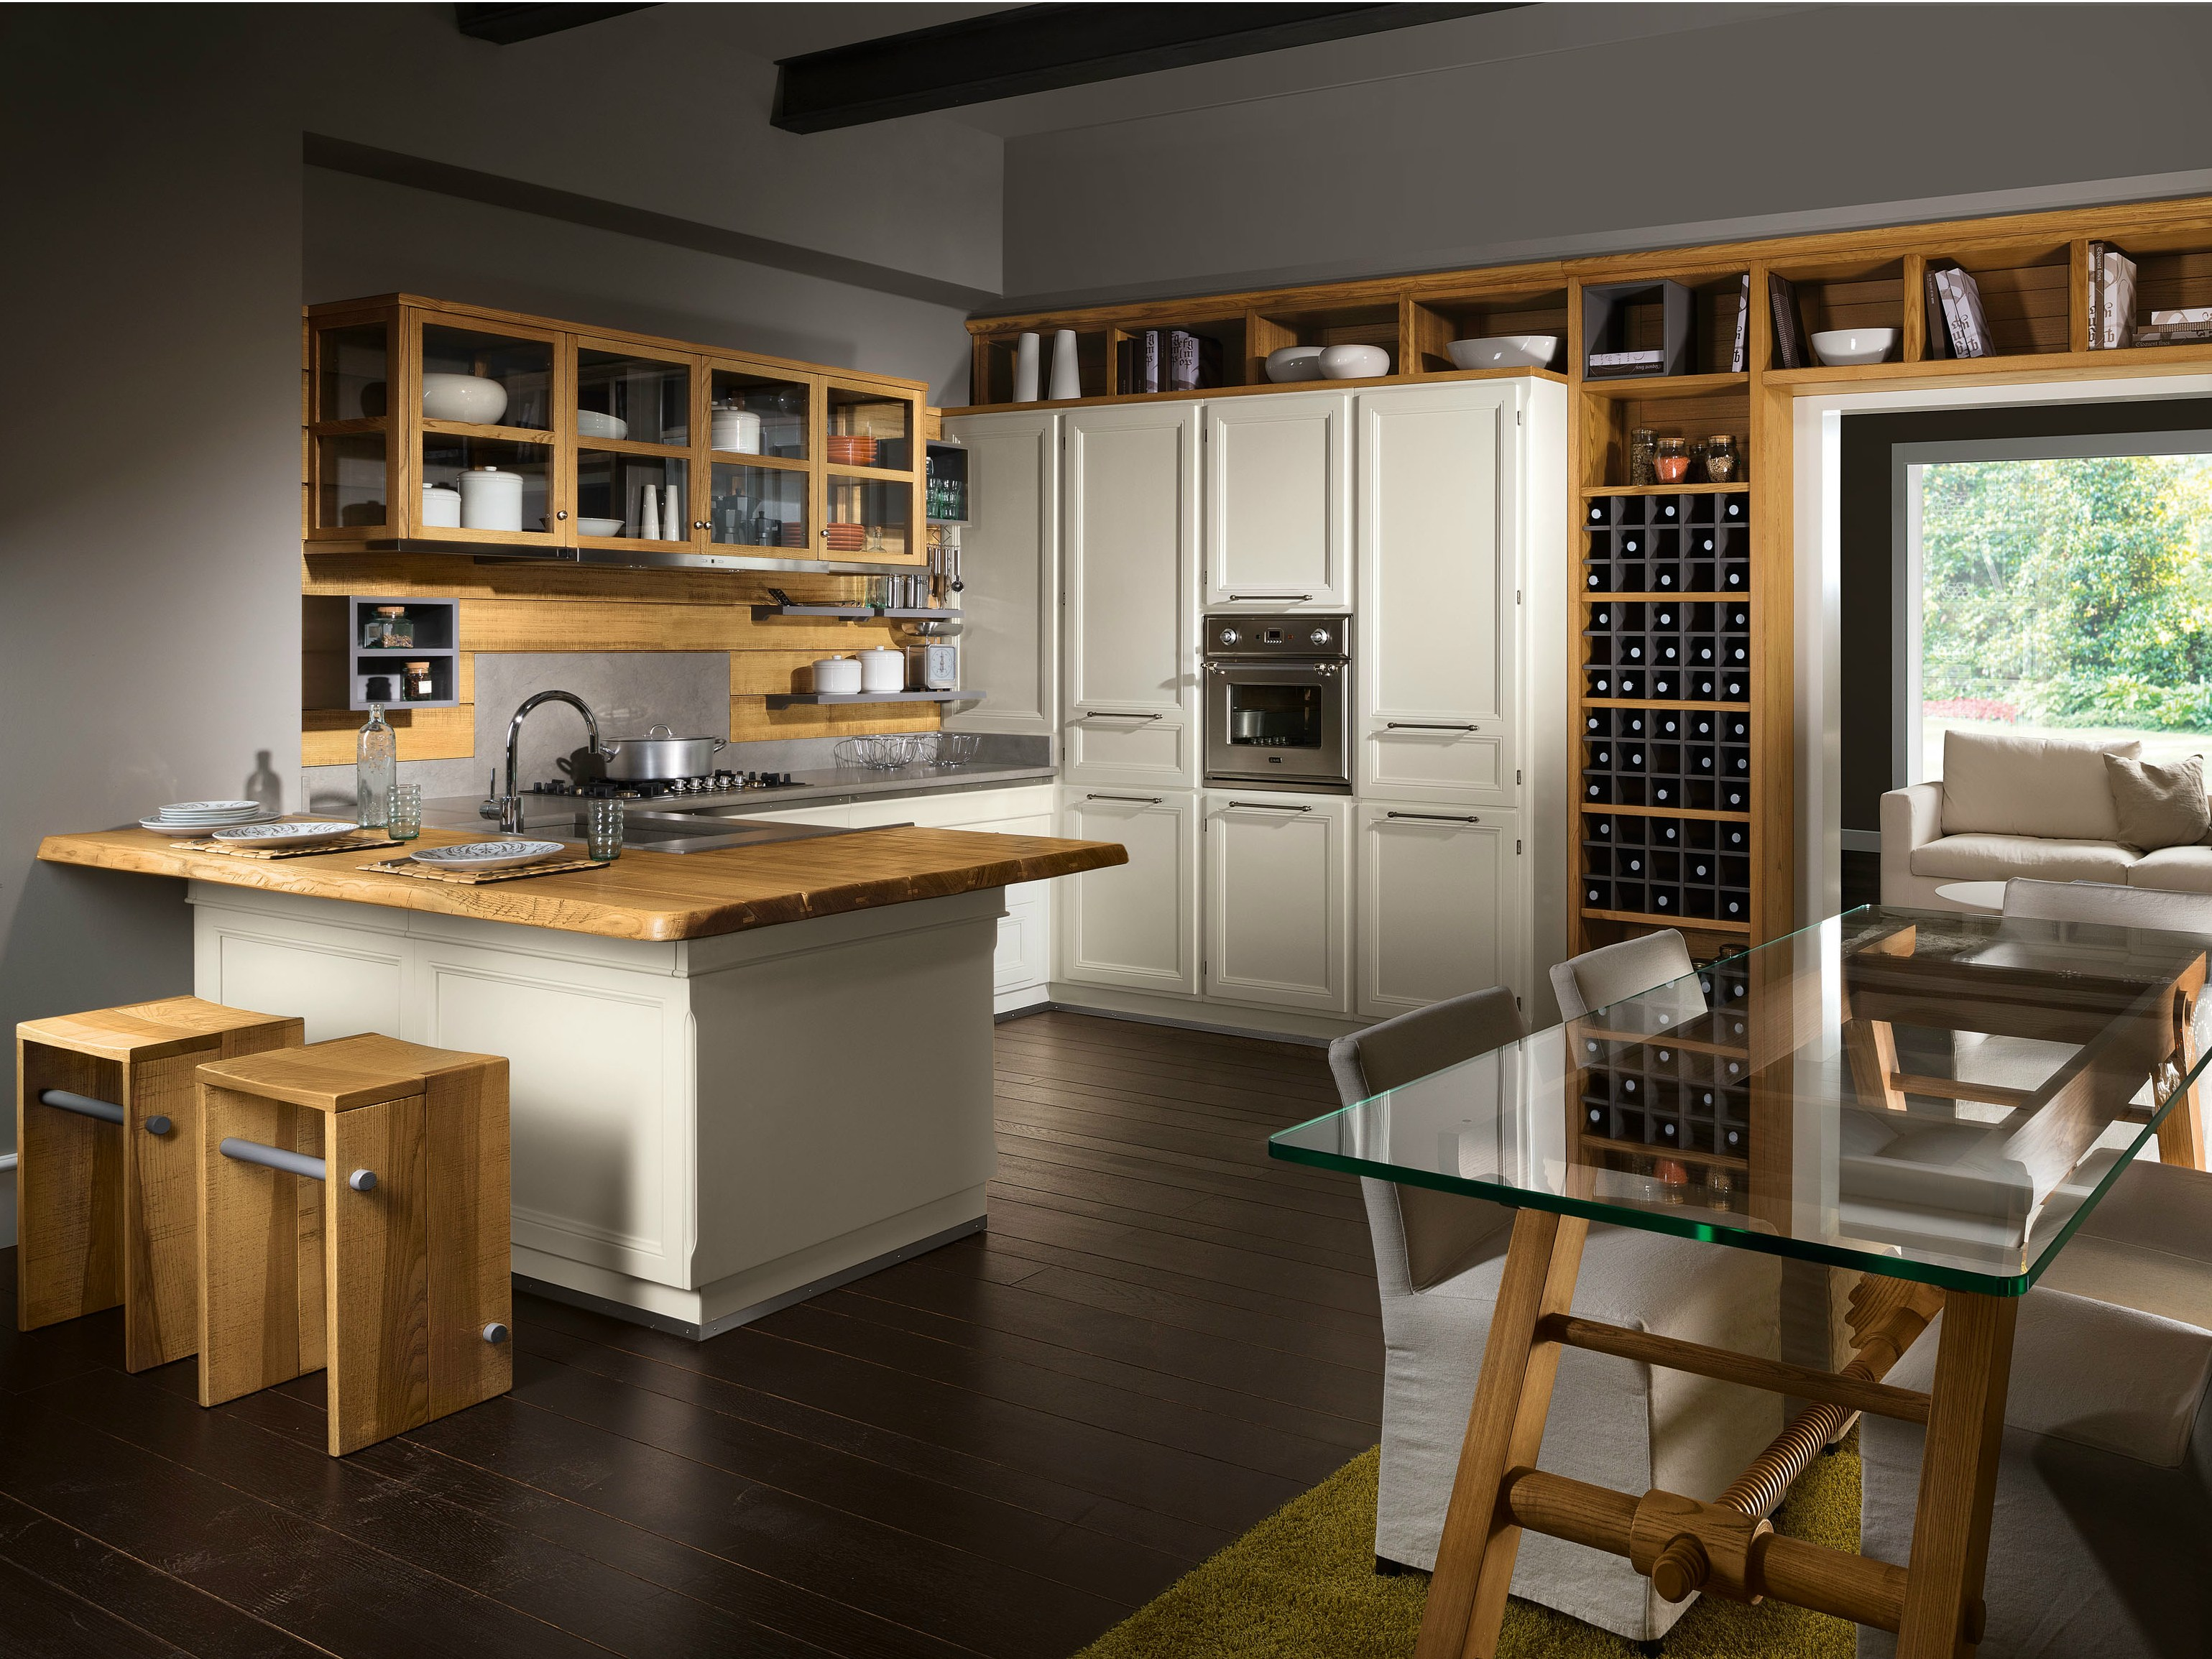 Complementi Cucine Cucine Stile Moderno Cucine Stile Moderno Cucine  #926A39 3078 2309 Immagini Di Cucine In Muratura Moderne